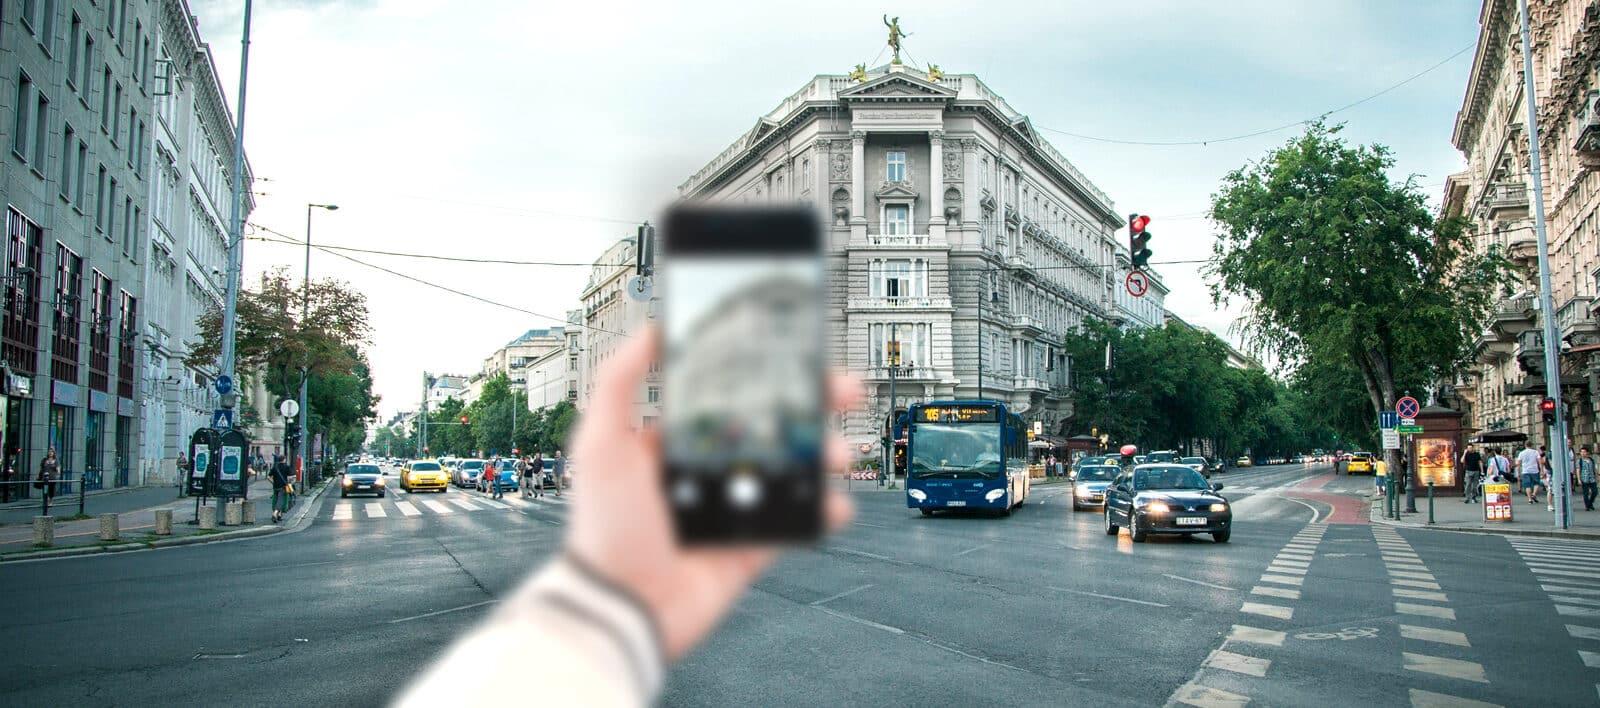 Innenstadt mit unscharfem Handy im Vordergrund